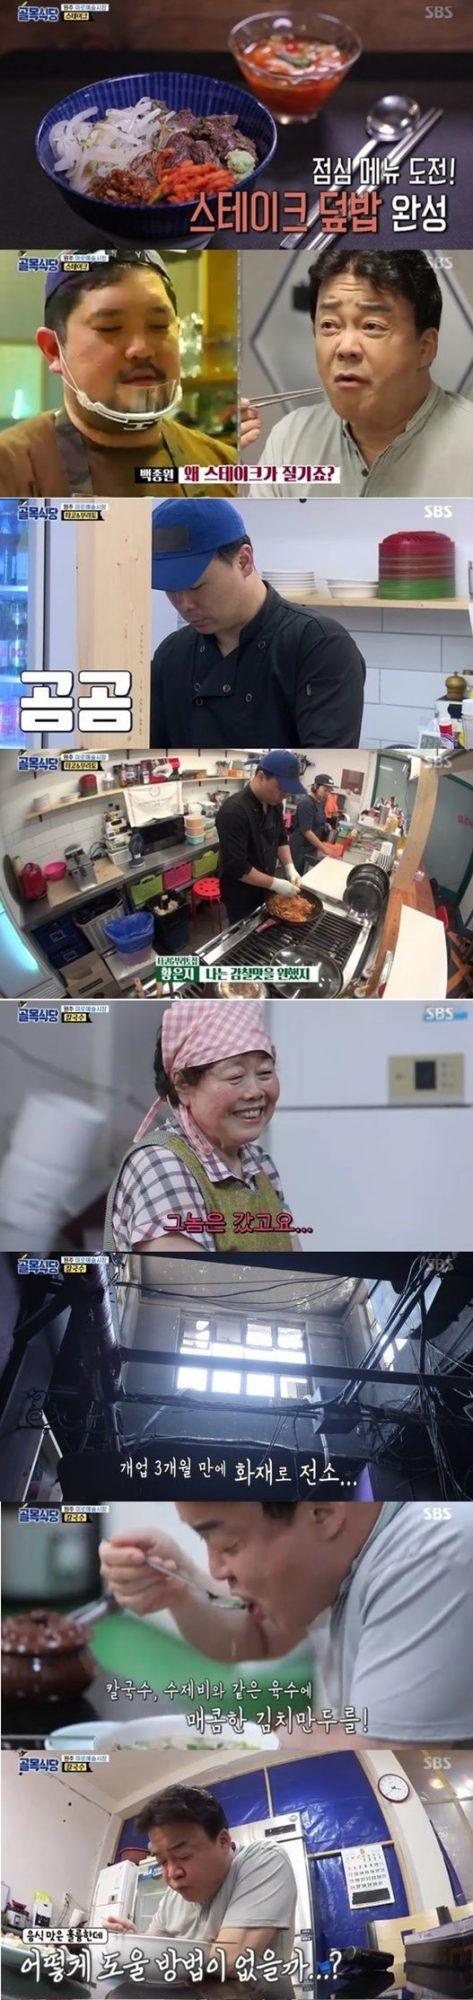 '골목식당' 원주 미로예술시장 편. /사진제공=SBS